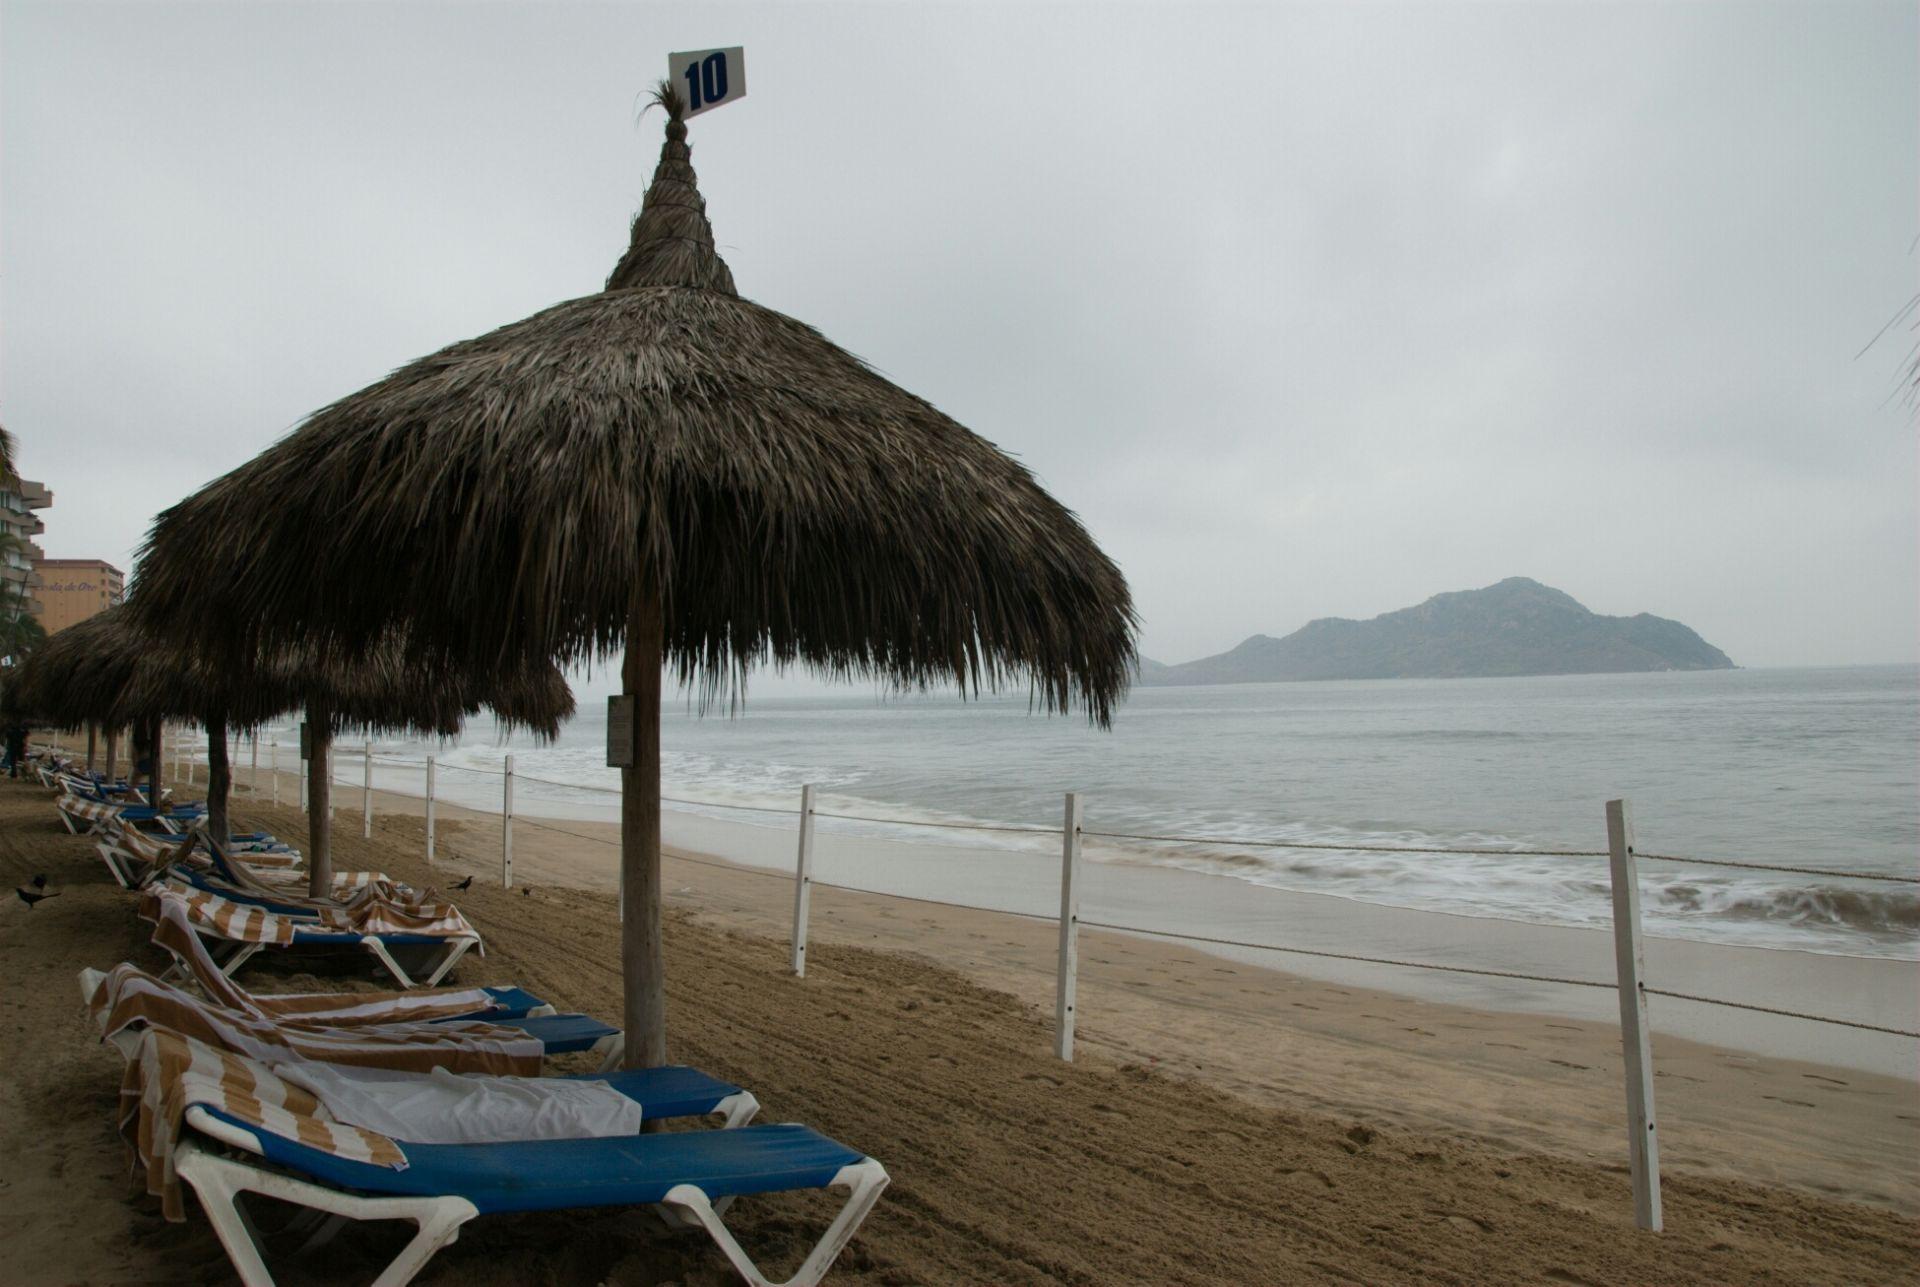 Playa Olas Altas